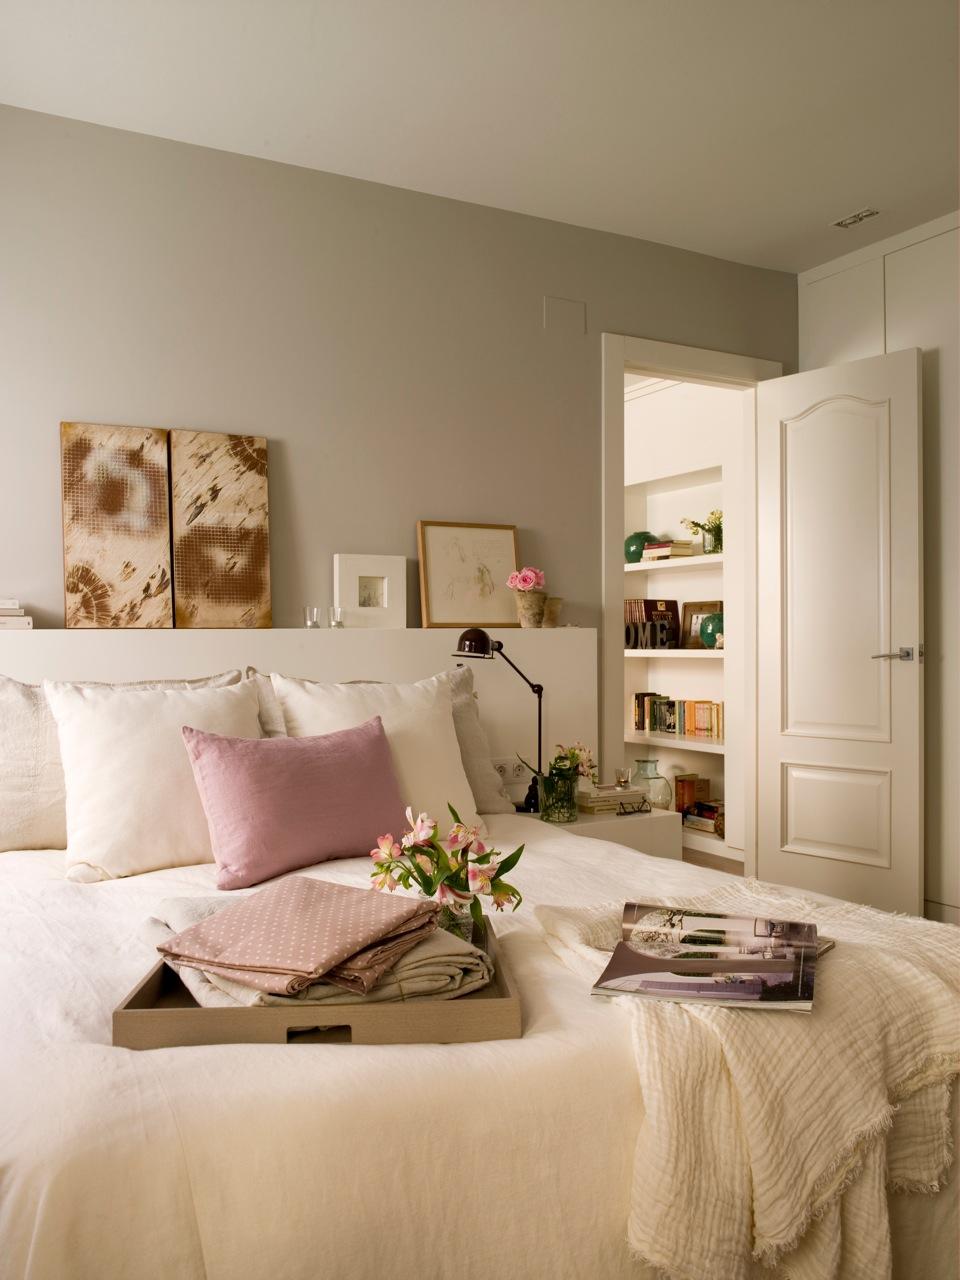 adelaparvu.com despre reamenajare apartament de doua camere, design interior Jeanette Trensig (8)